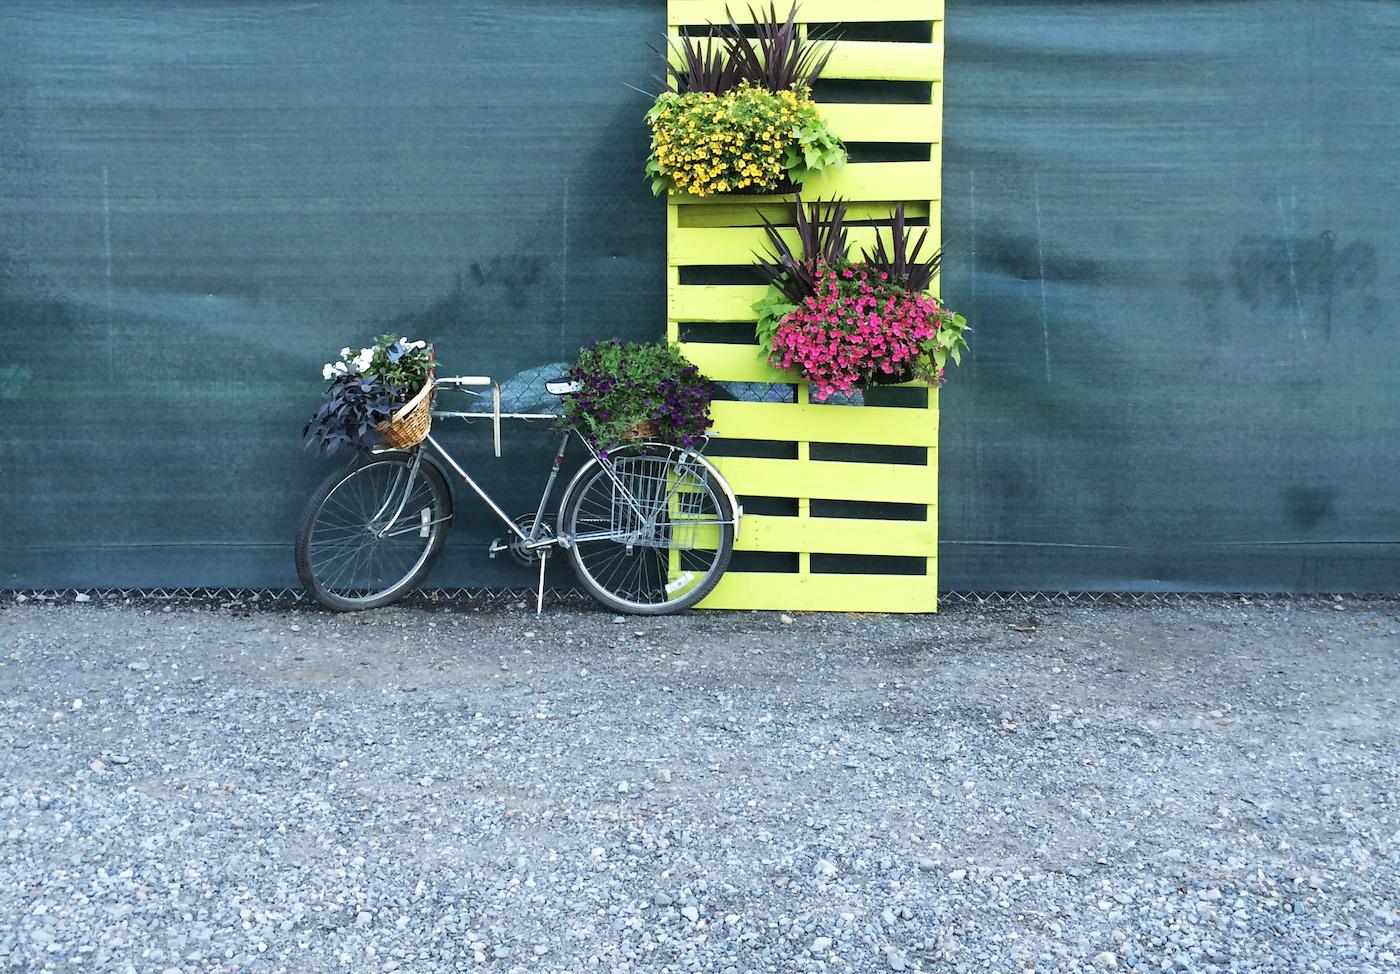 Firefly-Bike